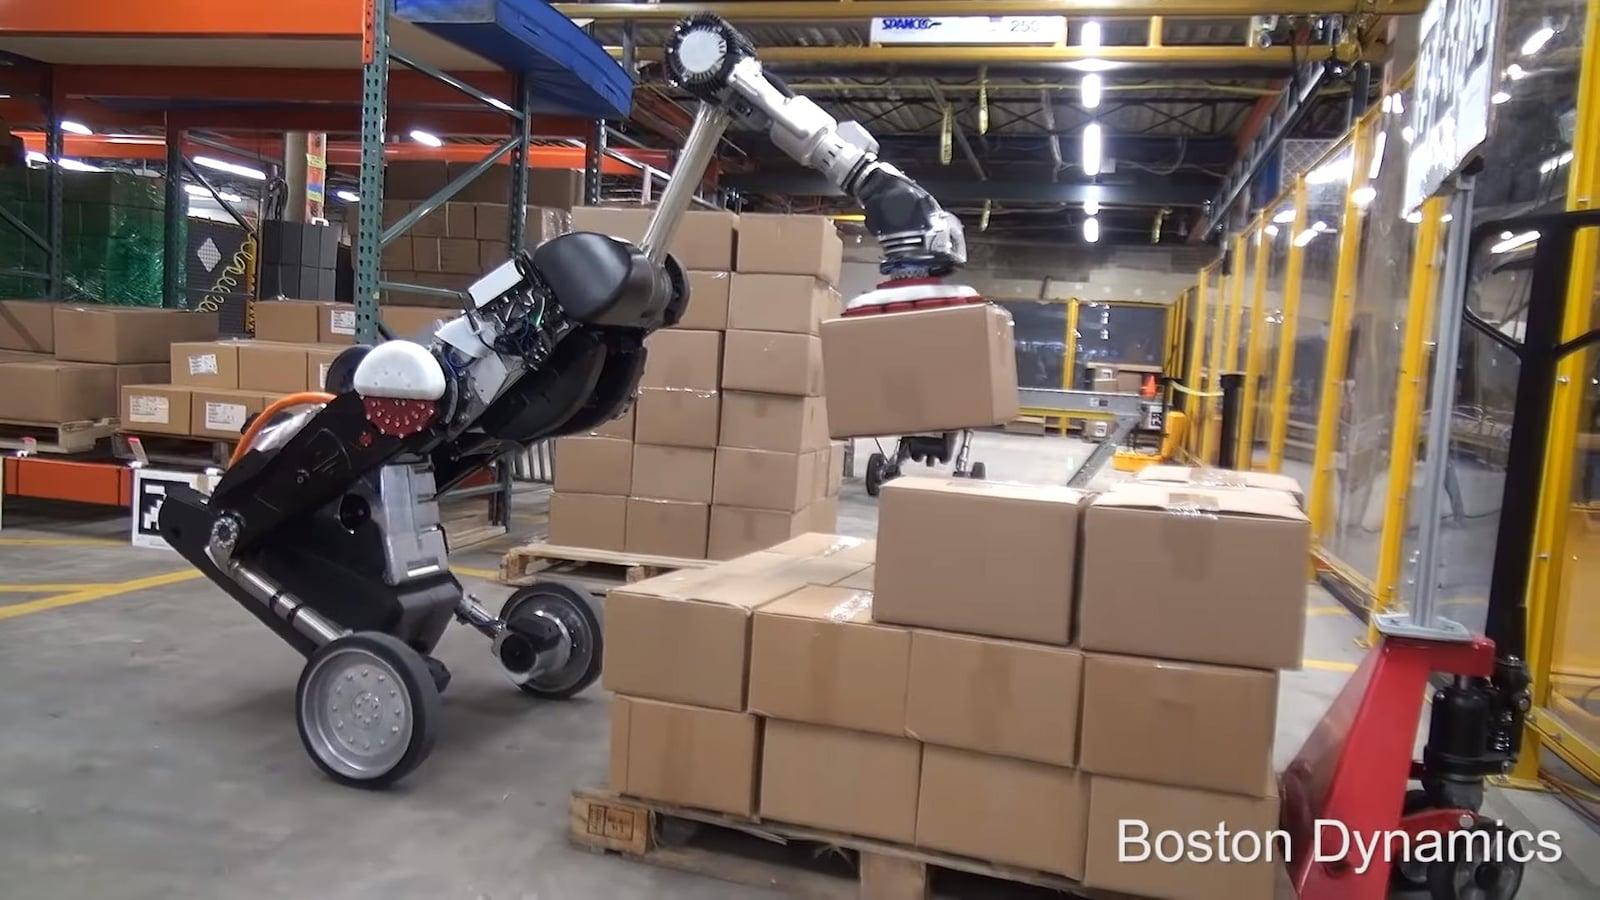 Une photo du robot Handle tenant une boîte au bout de son bras articulé dans un entrepôt.